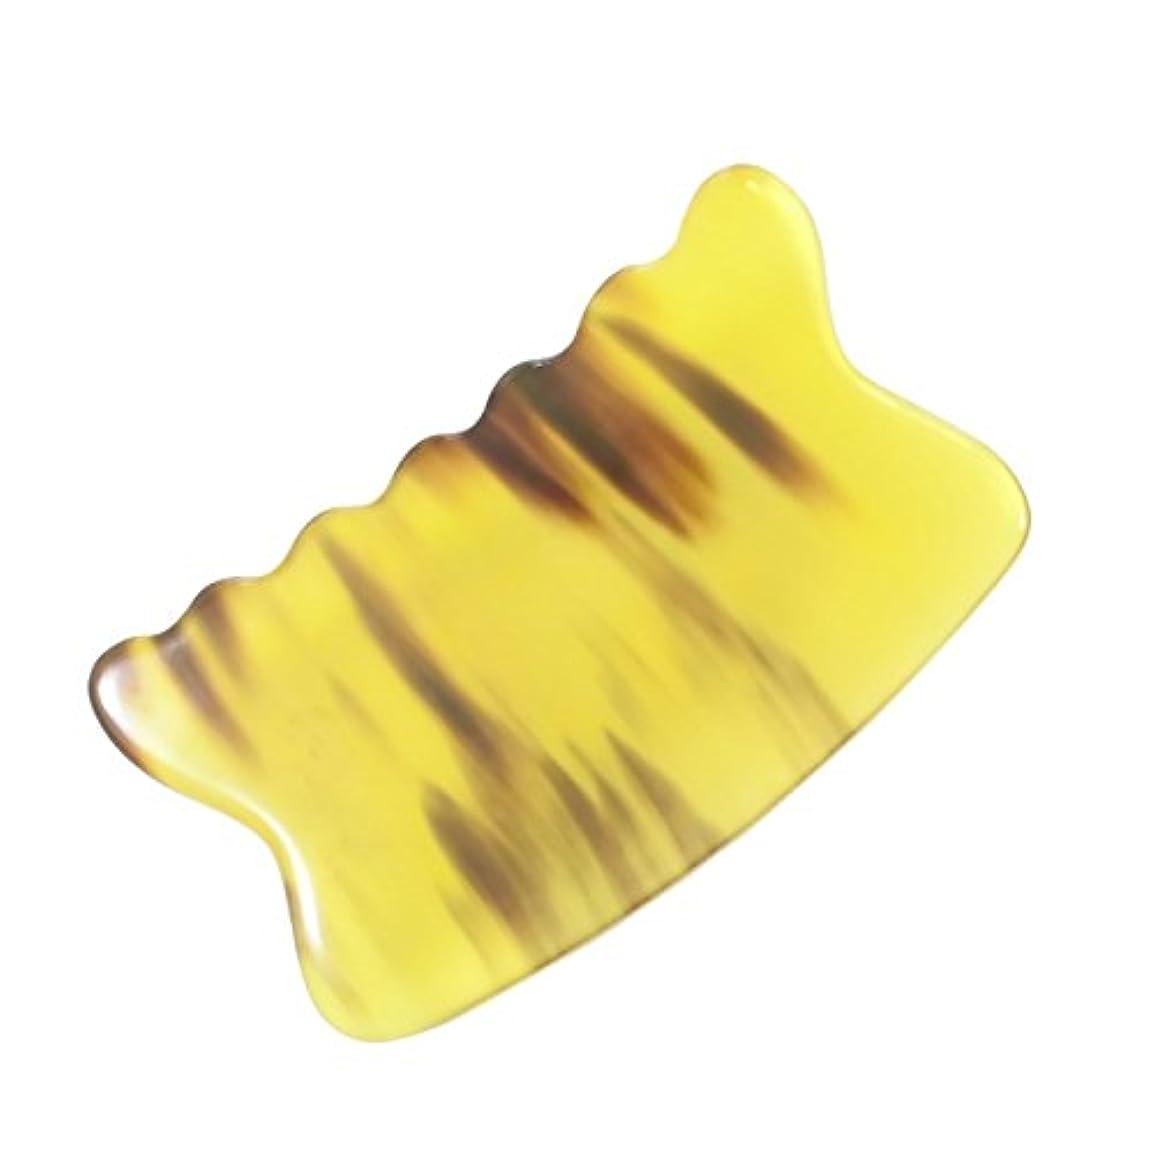 悪性腫瘍見る人米国かっさ プレート 希少59 黄水牛角 極美品 曲波型